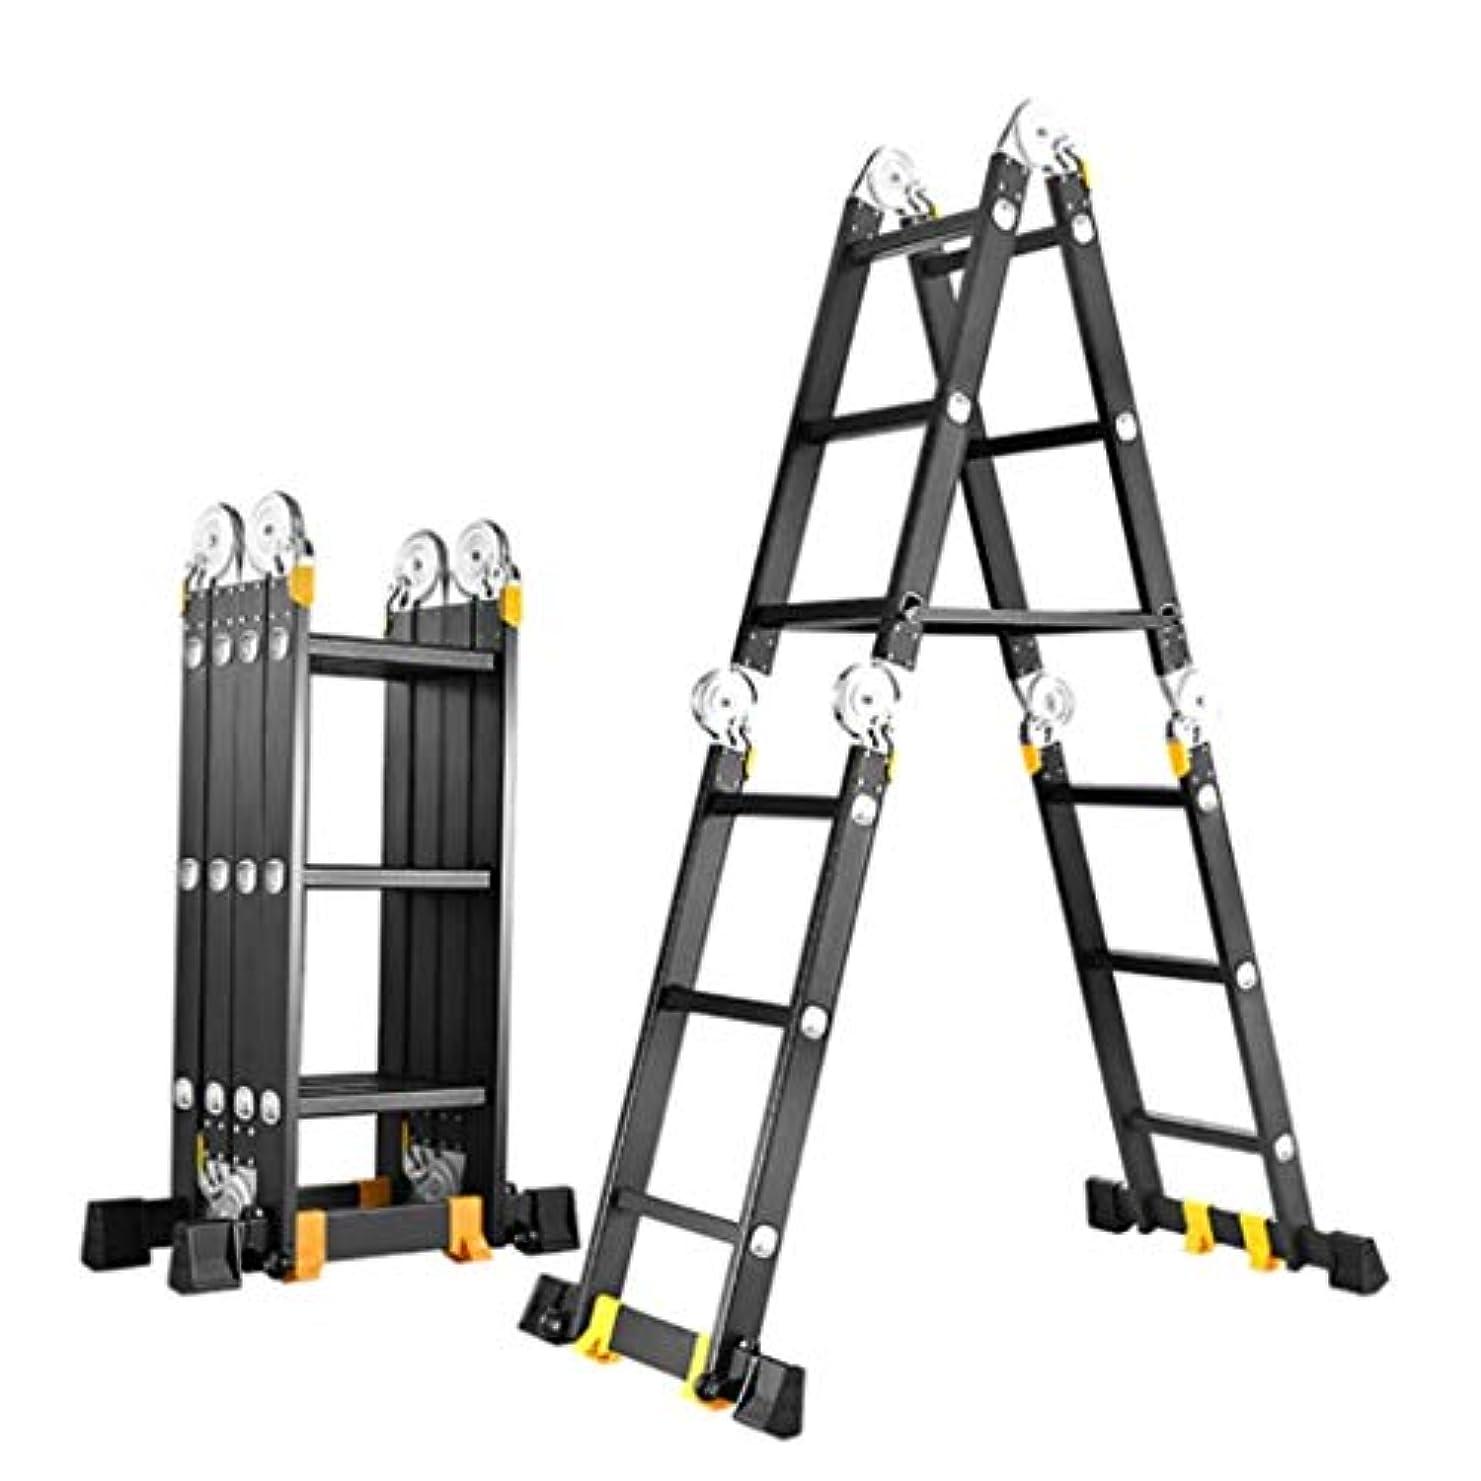 シネマ倒産マーガレットミッチェルXEWNEG 折りたたみ梯子、多機能アルミ梯子、プーリーとバランスバー付きのポータブルエンジニアリング梯子、 (Size : Straight 5.8M= Herringbone 2.8M)